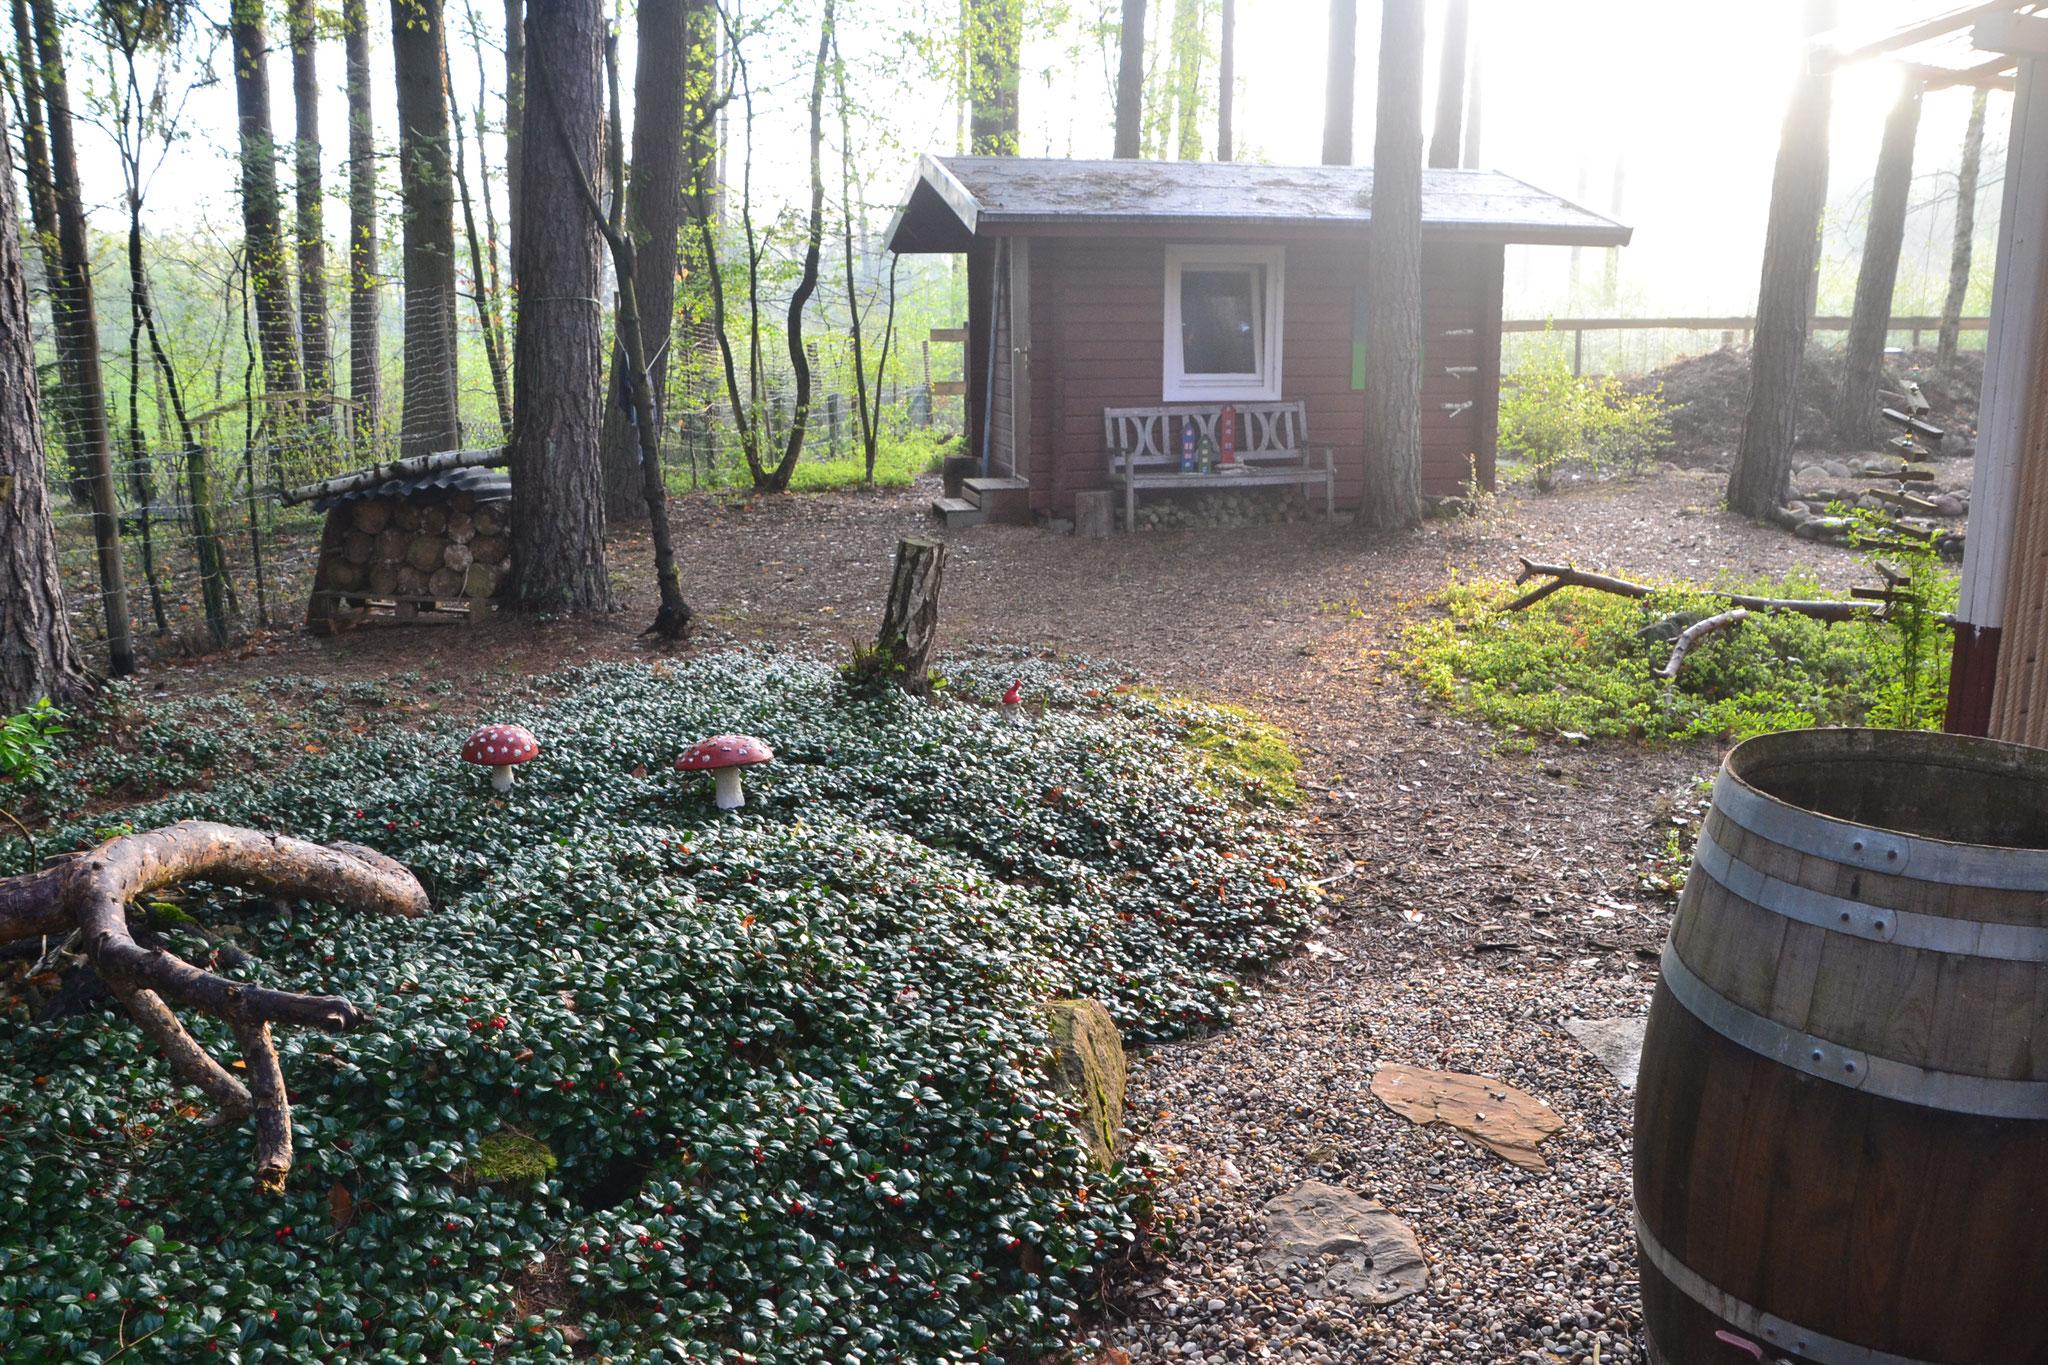 Dahinter eine Hütte, einst das Kinderzimmer.